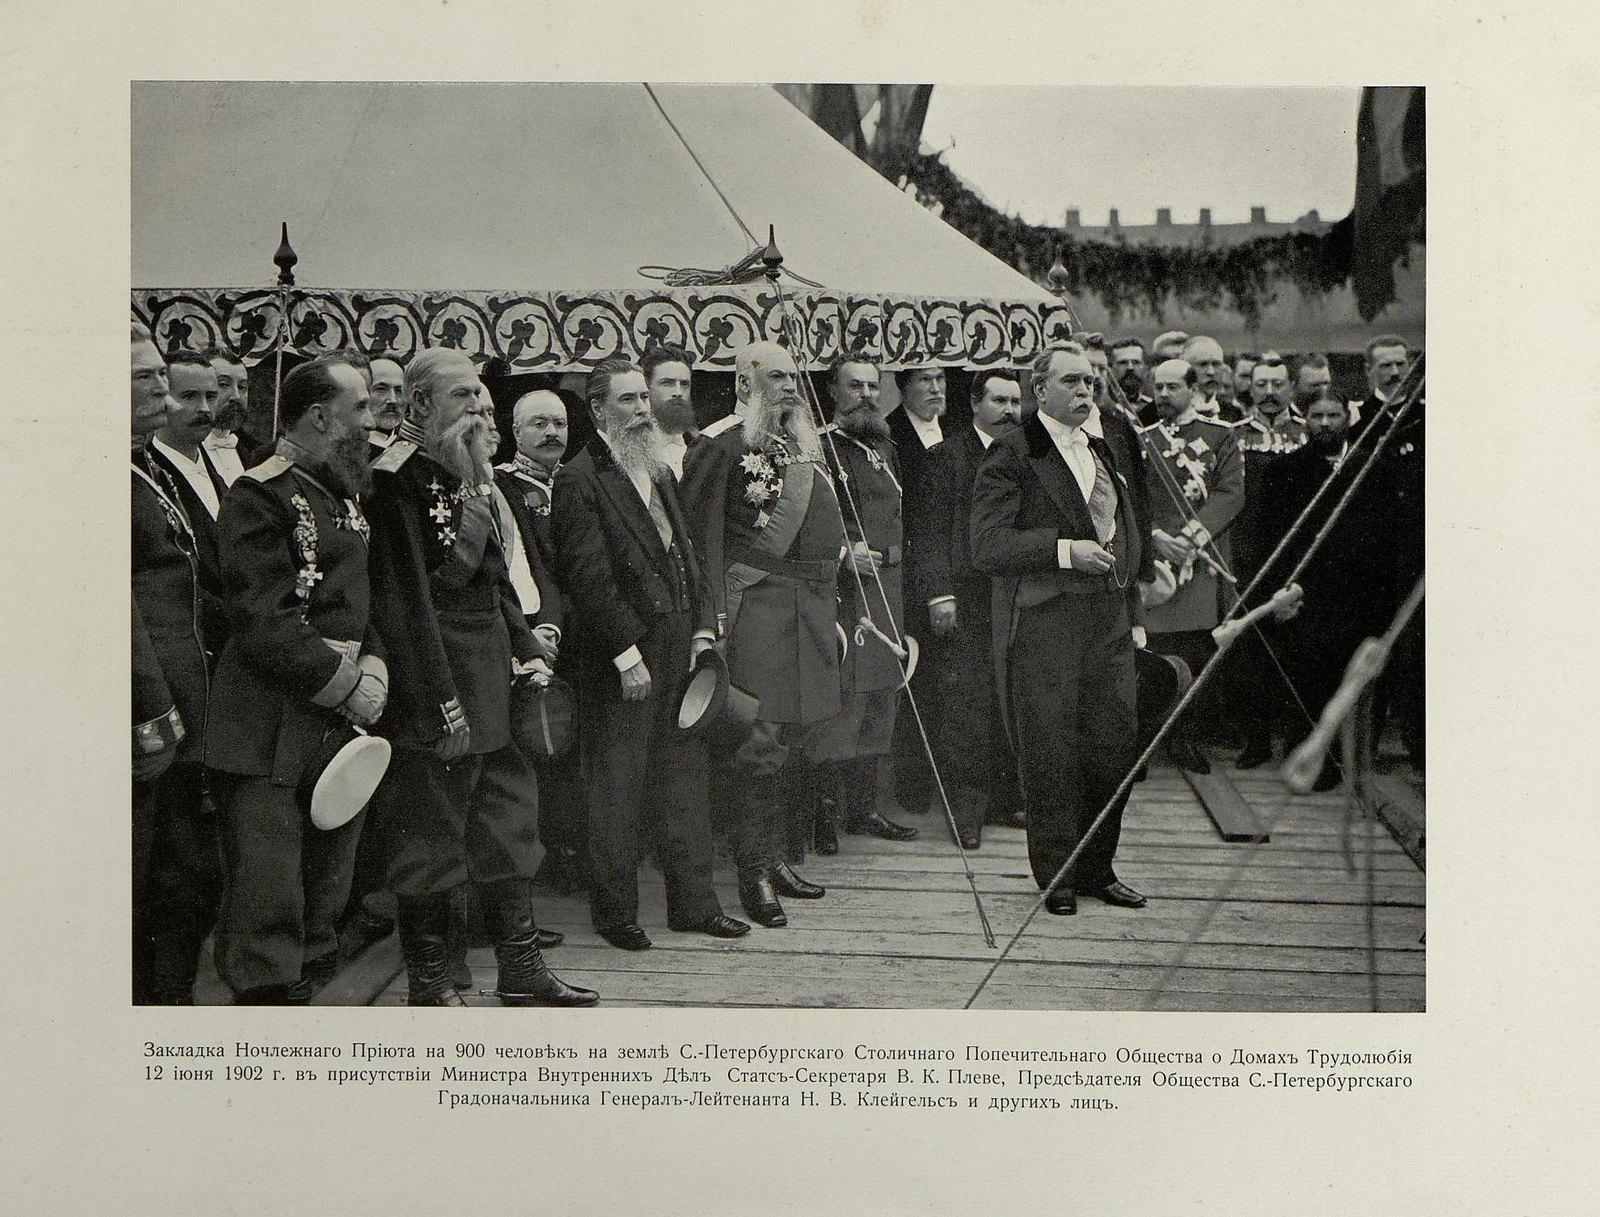 57. Закладка ночлежного приюта на 900 человек 12 июня 1902 года.